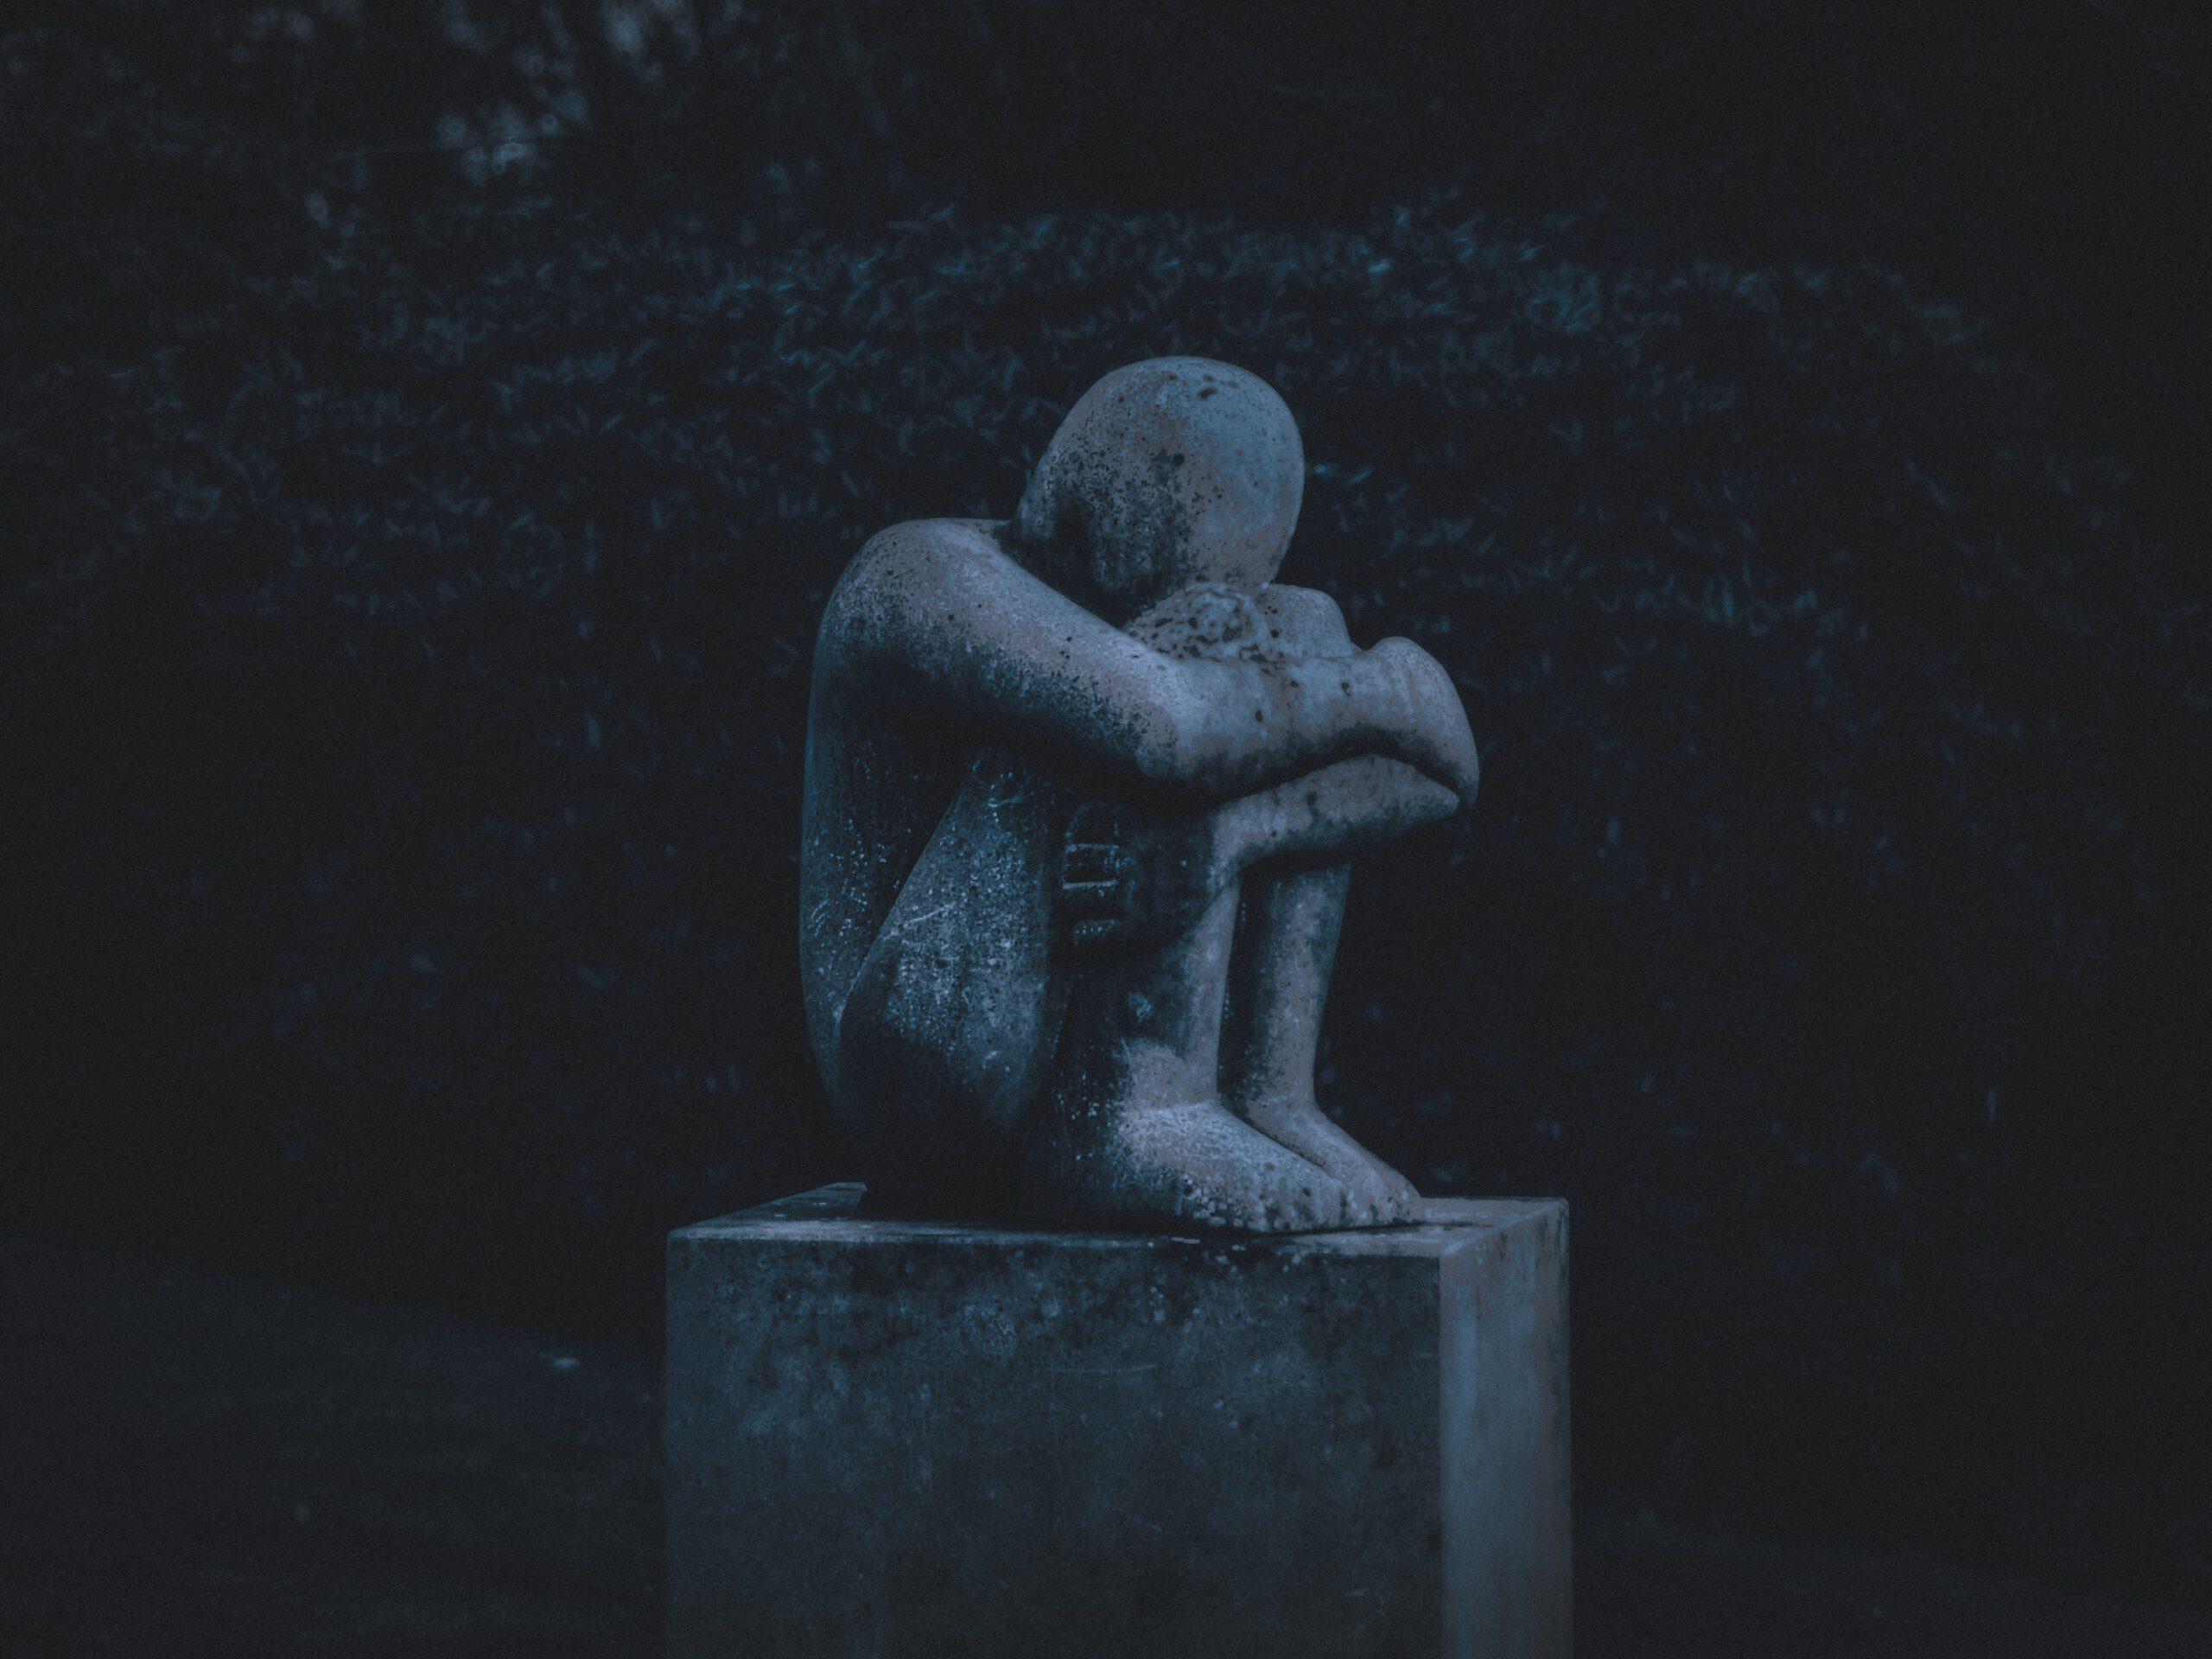 Der Umgang mit Verlust und Trauer – speziell bei Kindern